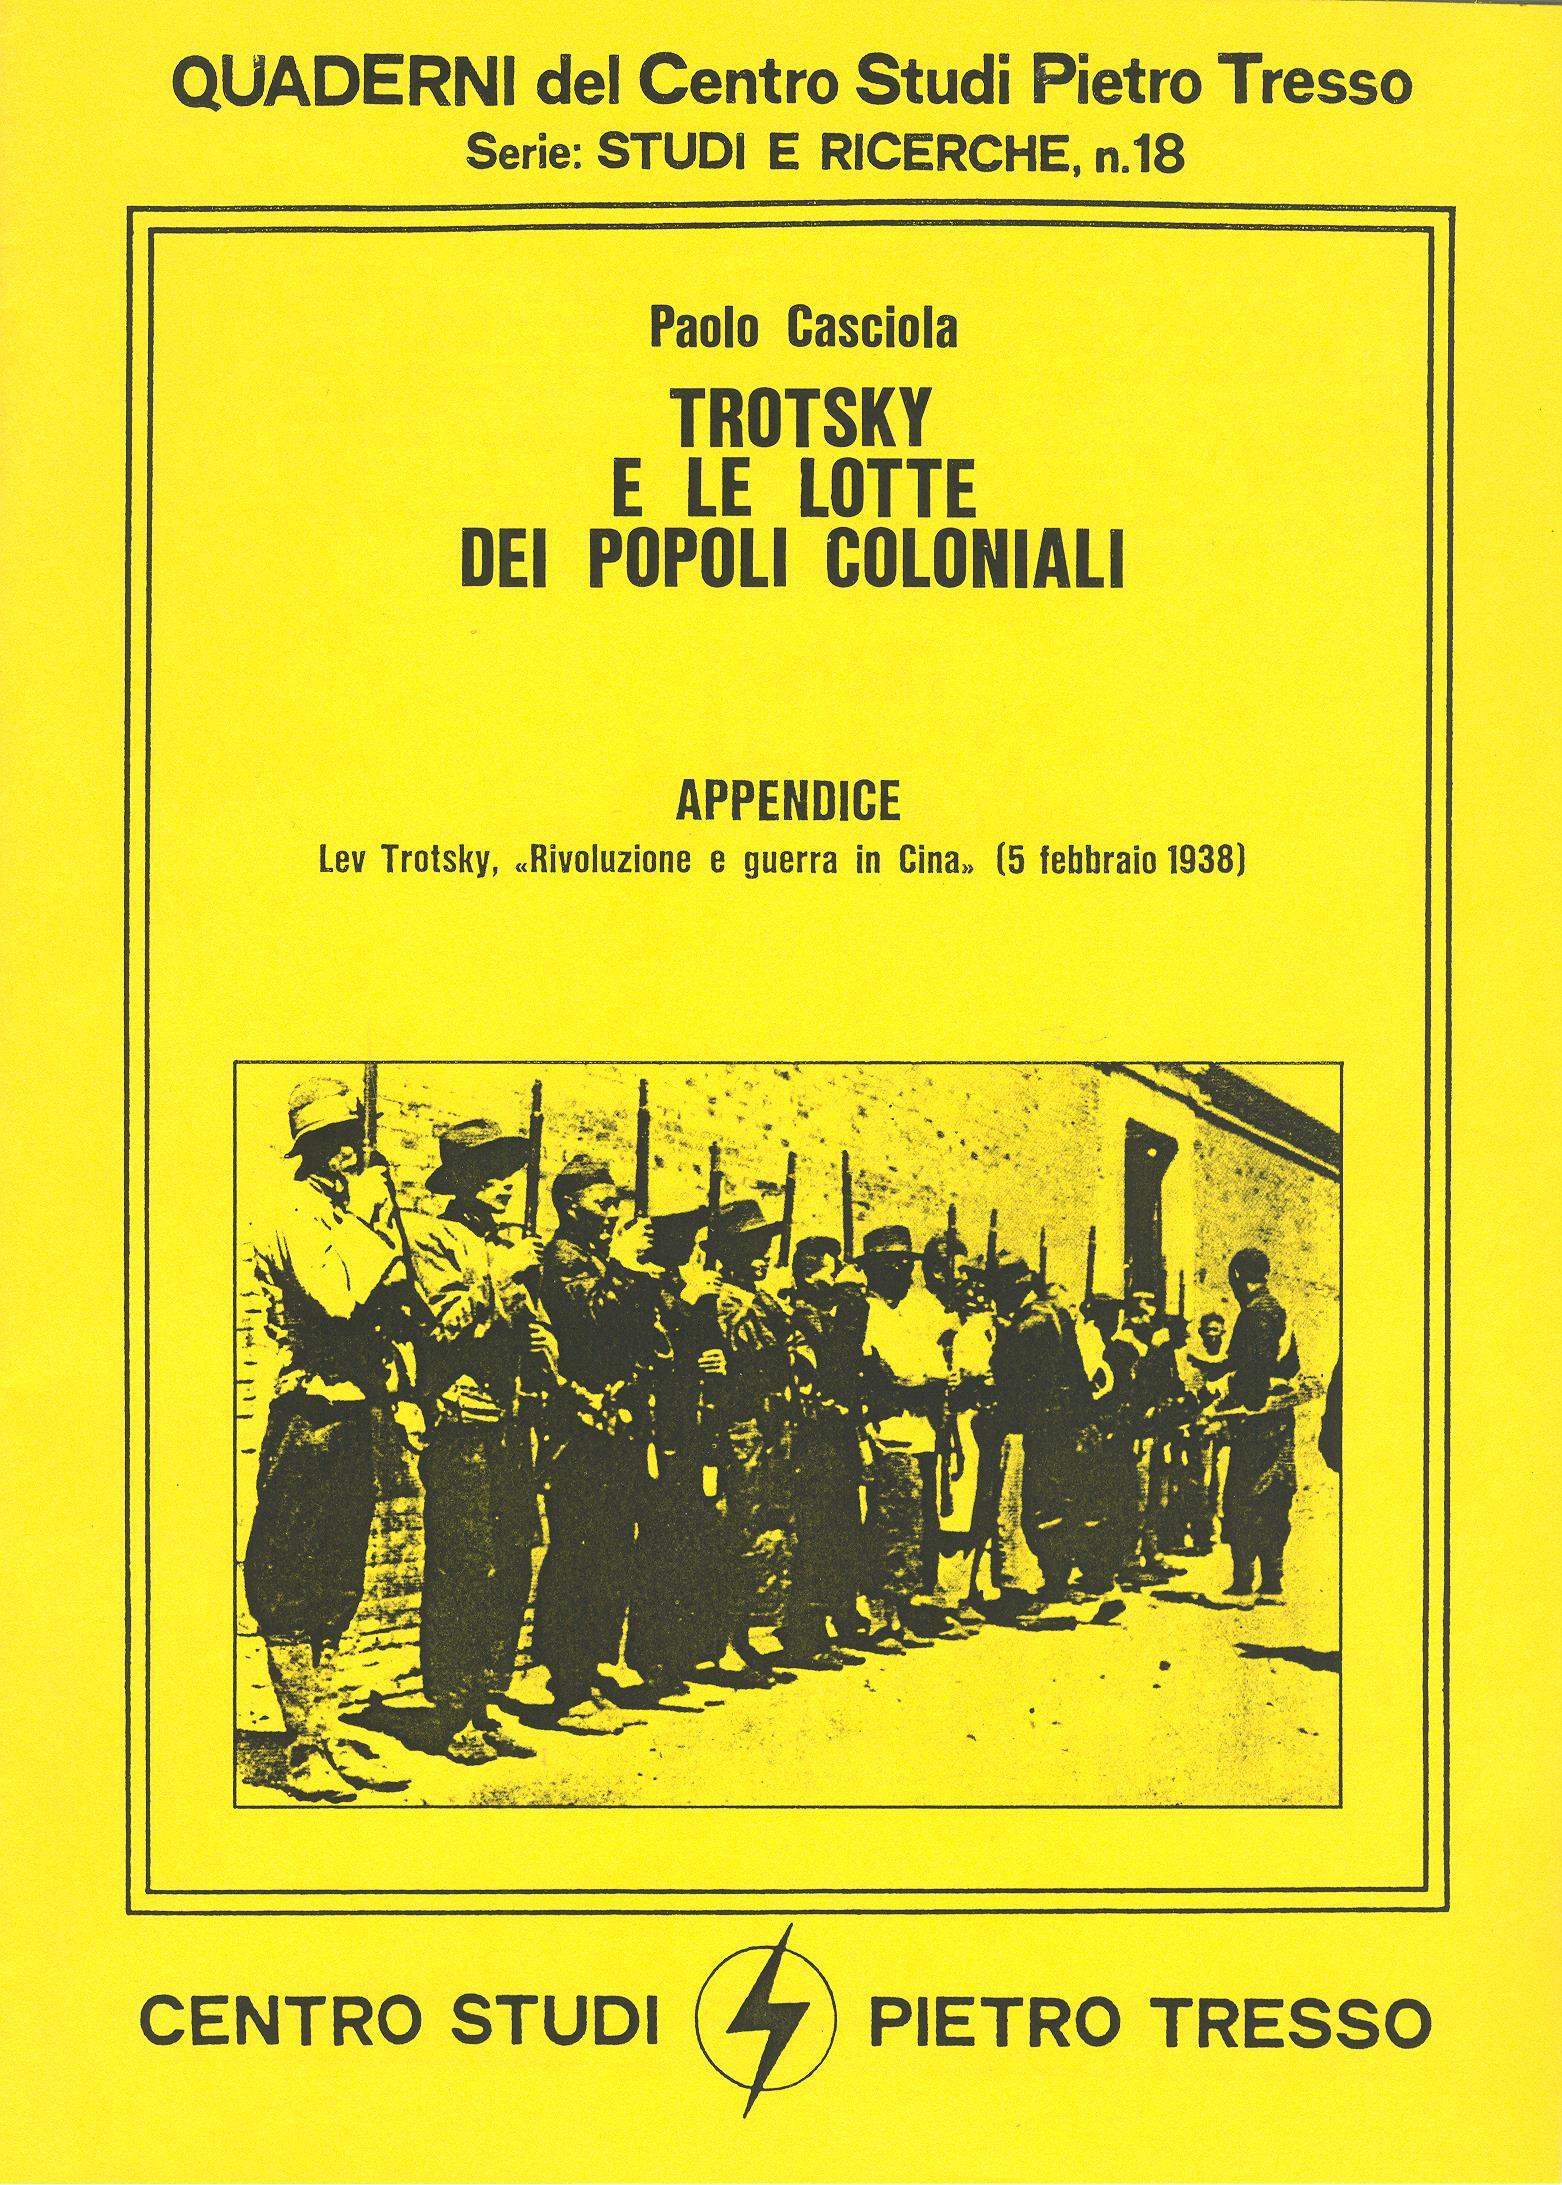 Studi e Ricerche n. 18 (aprile 1990) - pag. I